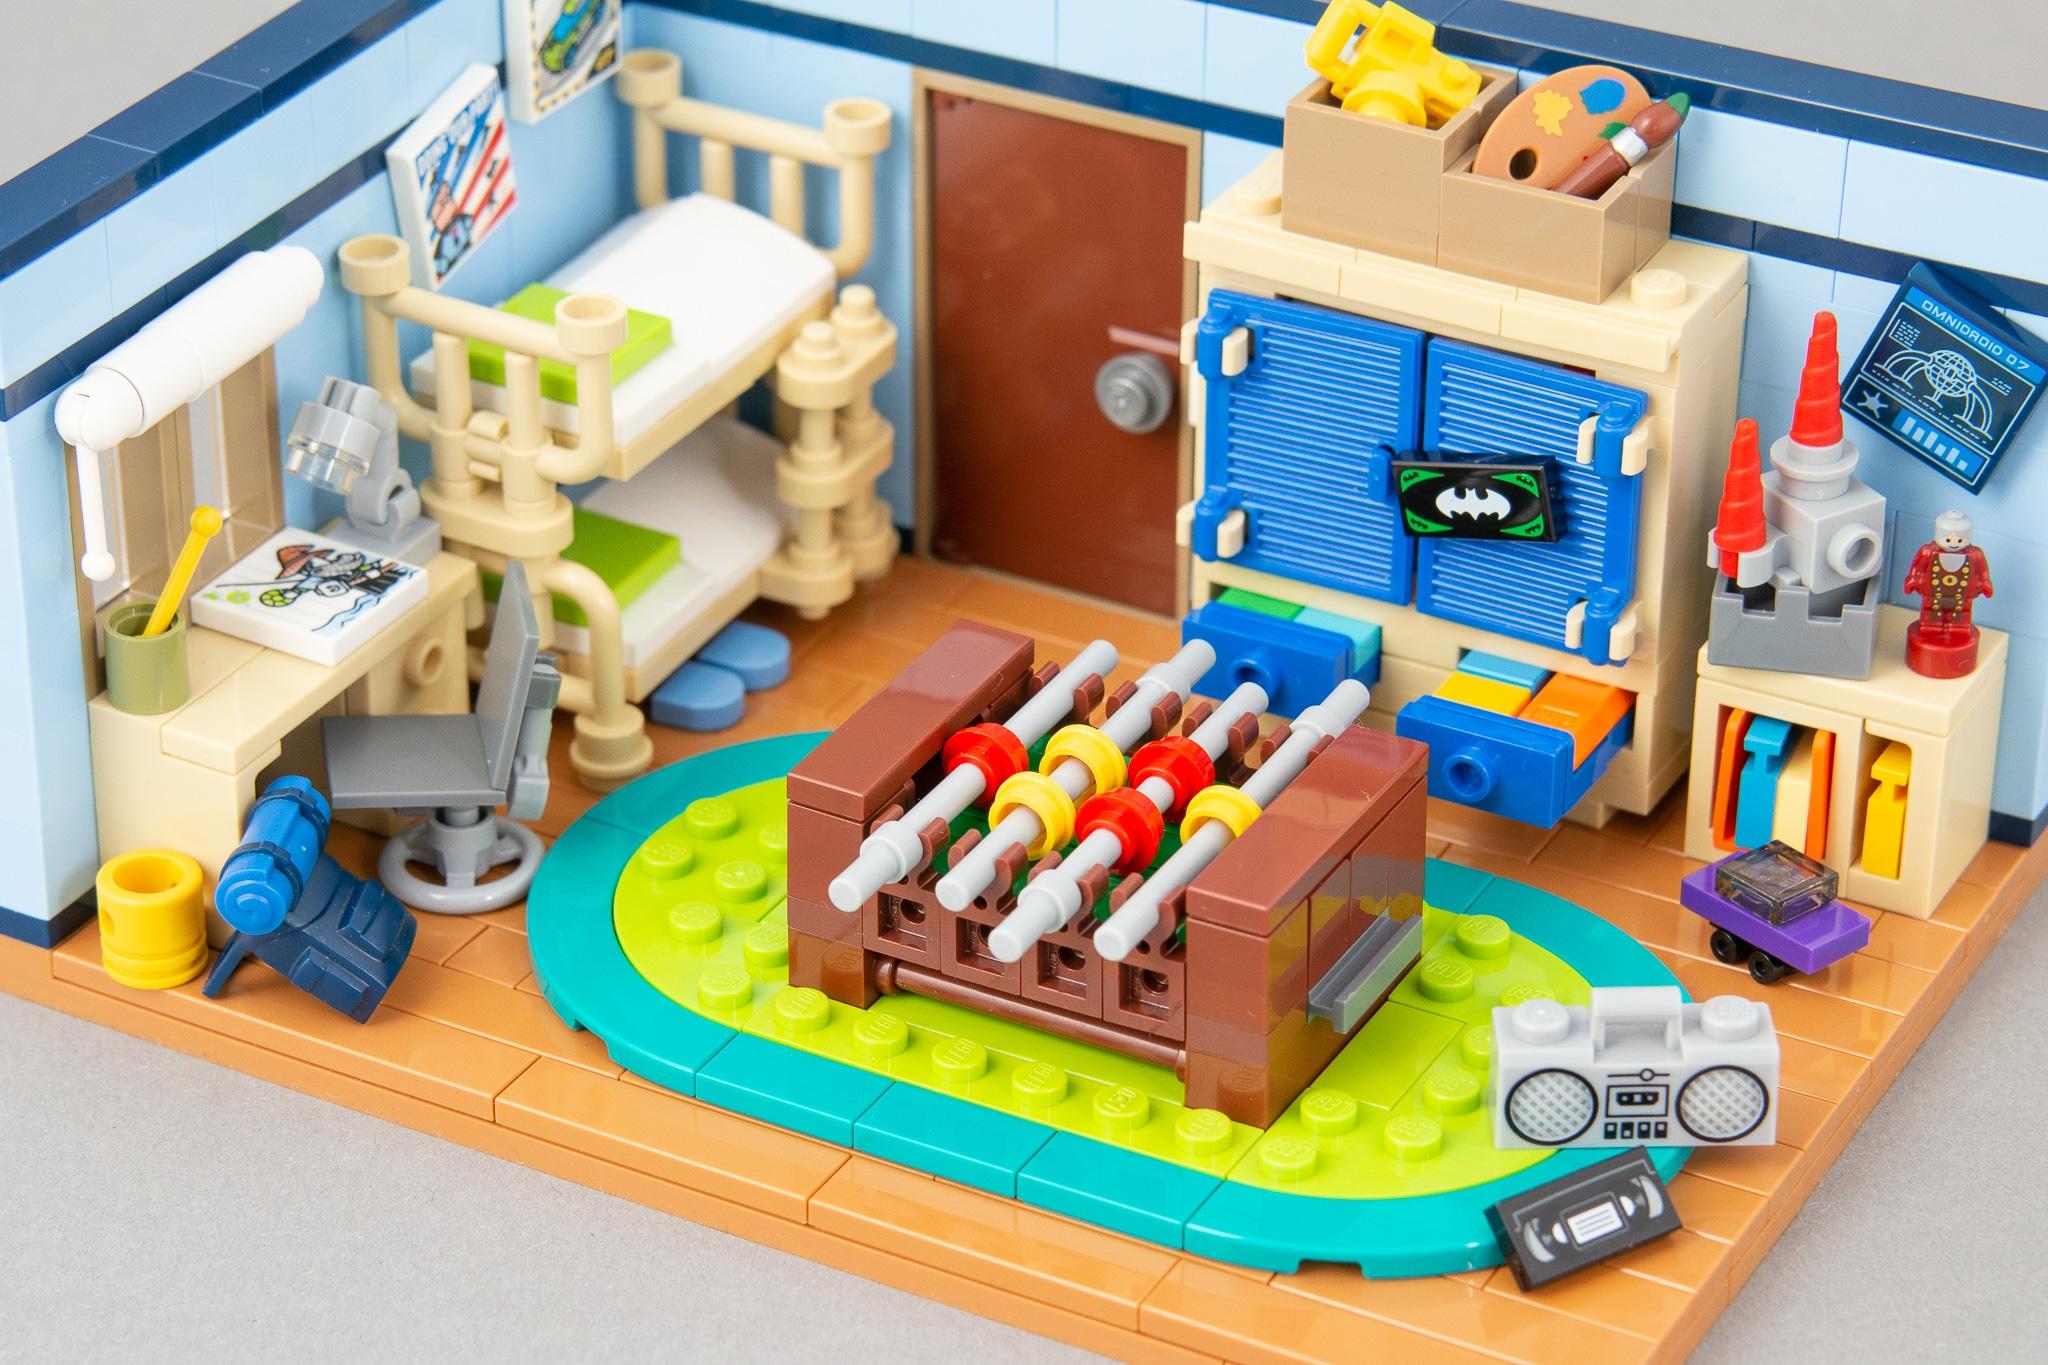 LEGO MOC Kinderzimmer 02